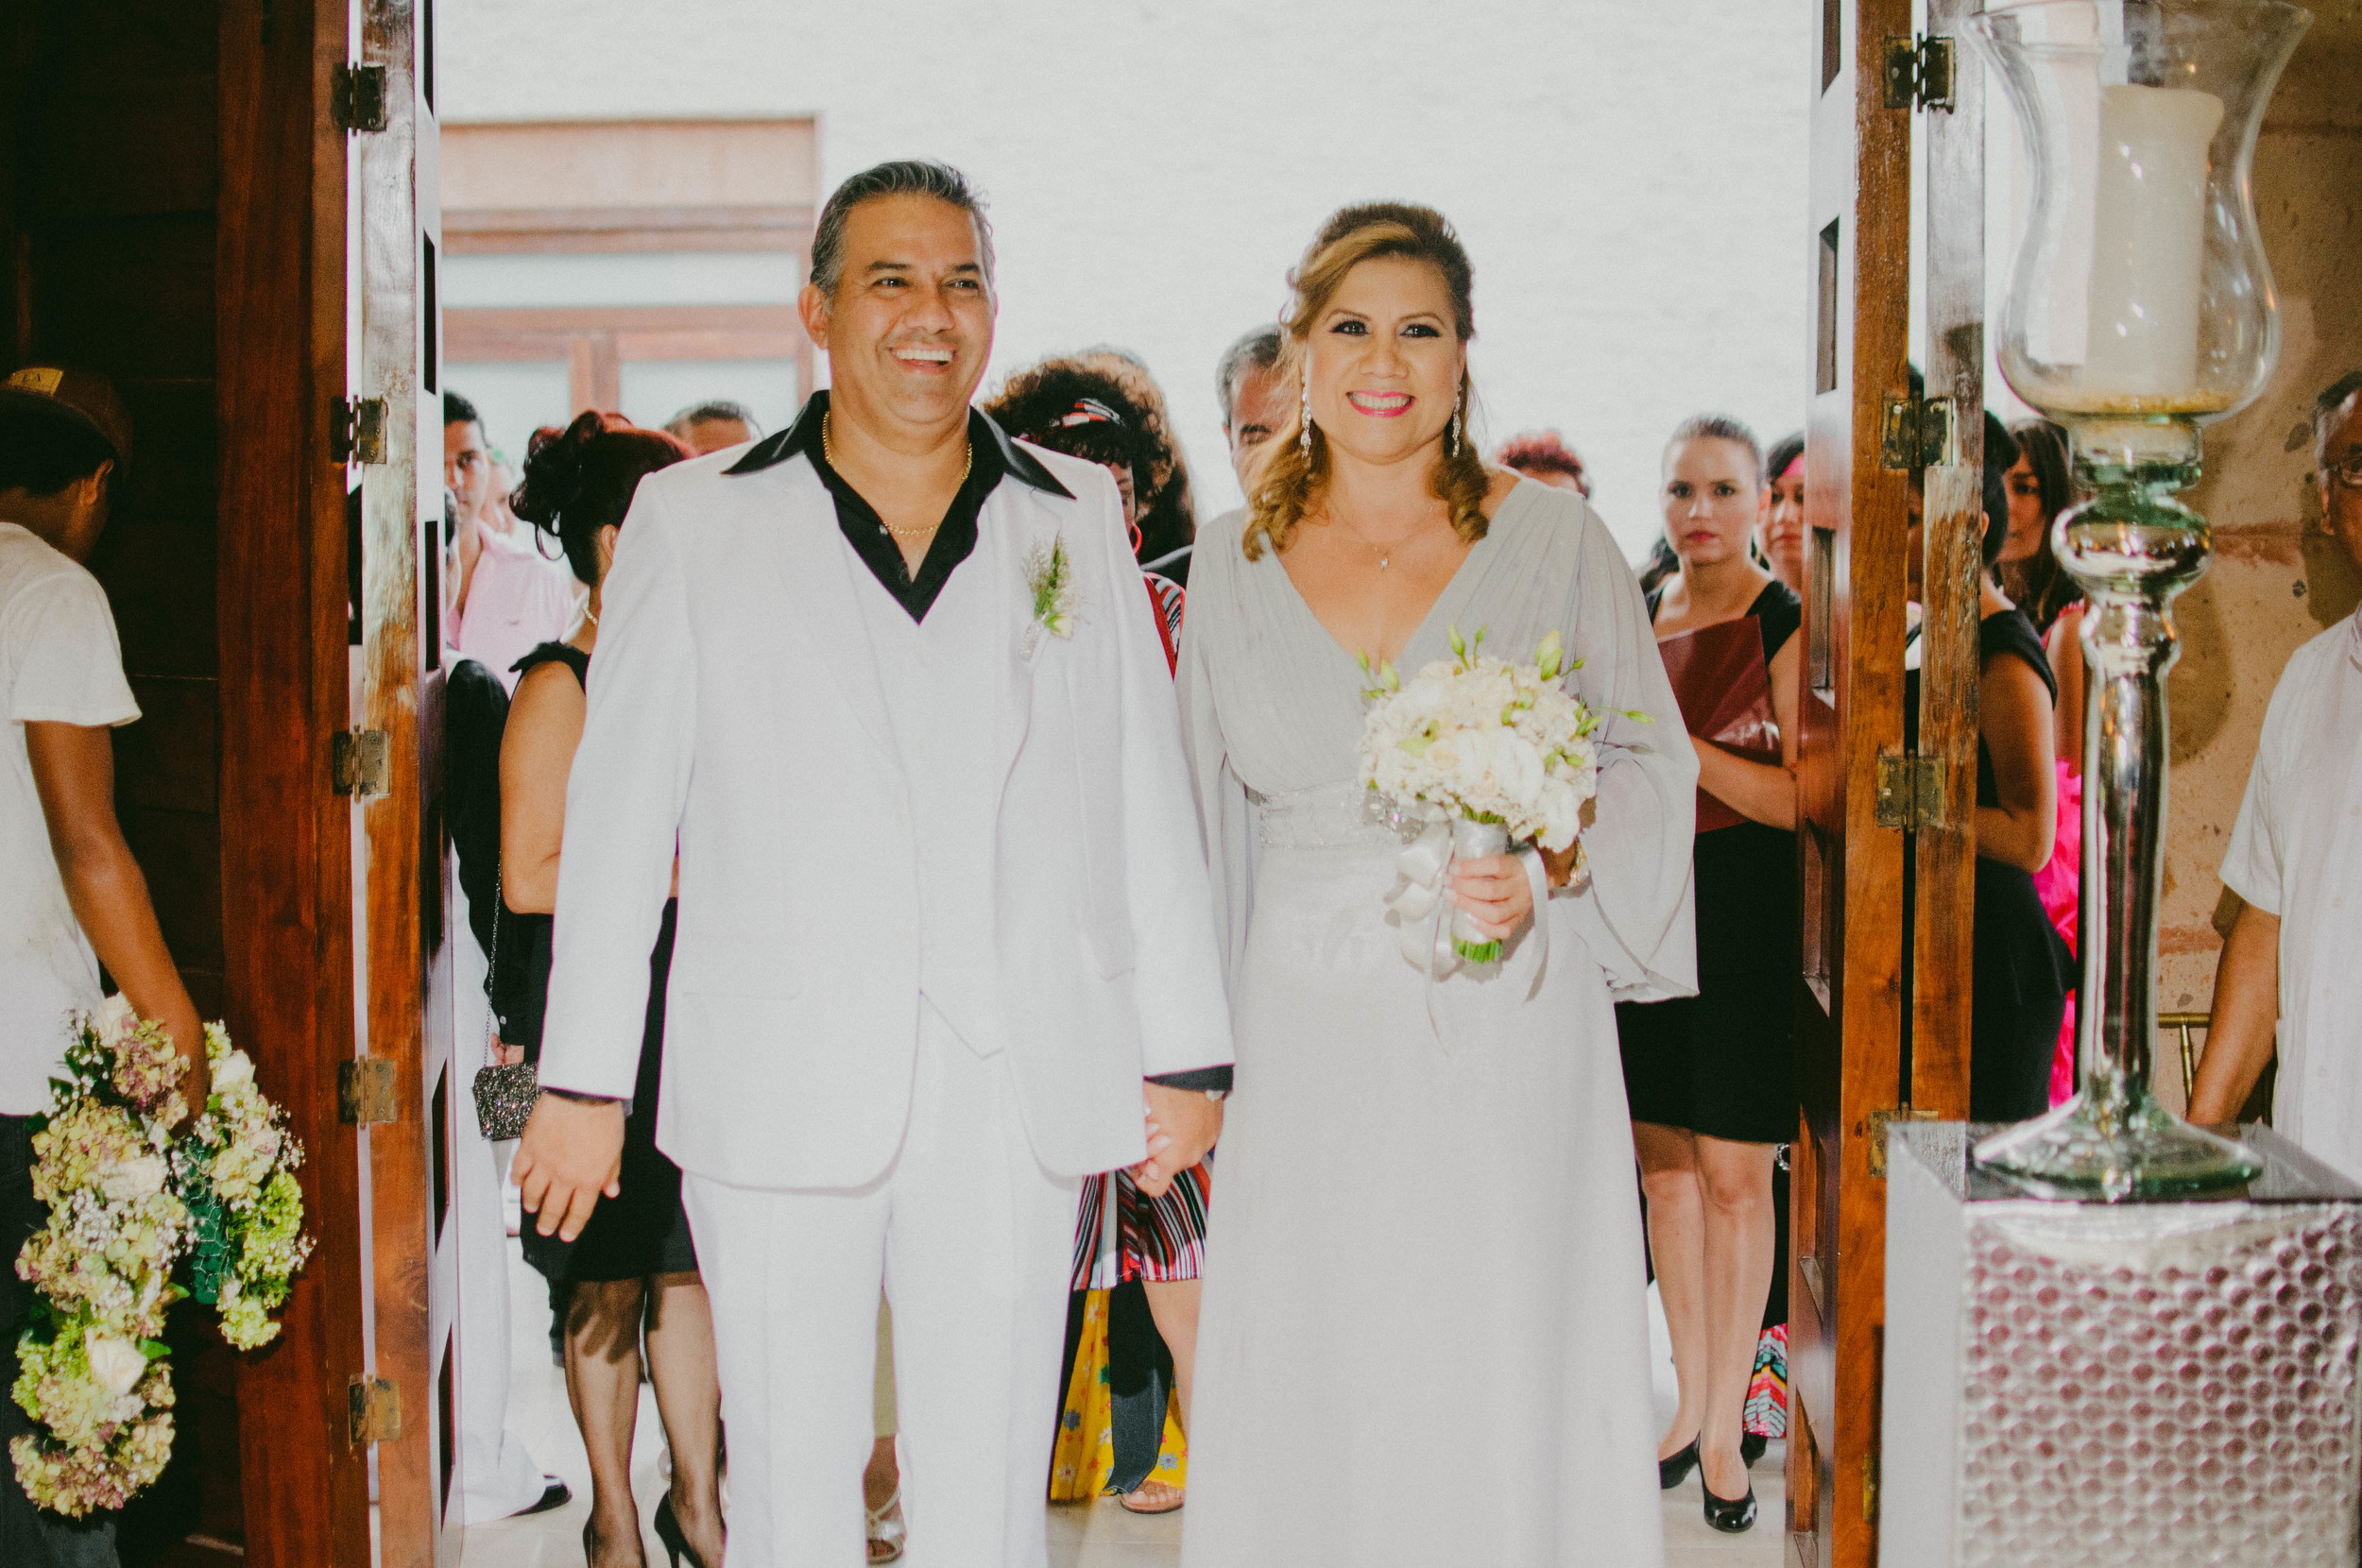 bodas de plata82.jpg